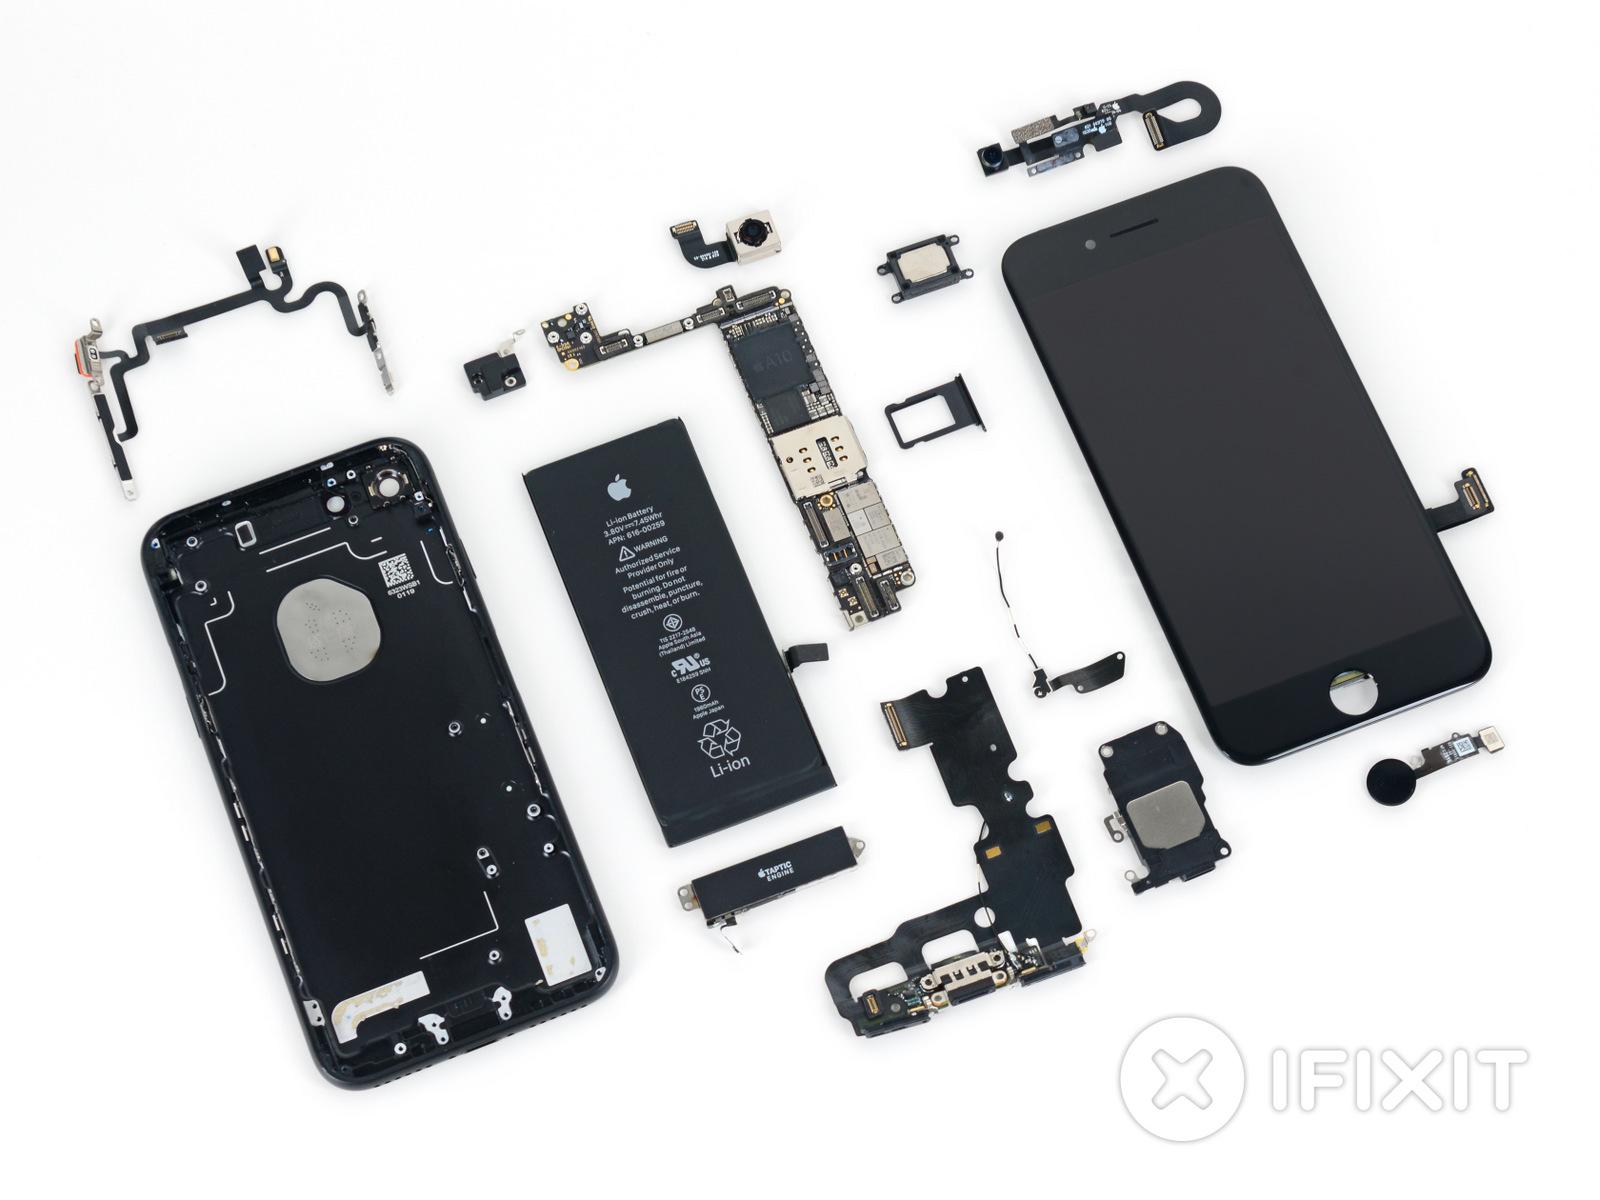 Apple iPhone 7 : le modem Qualcomm plus rapide que la version Intel